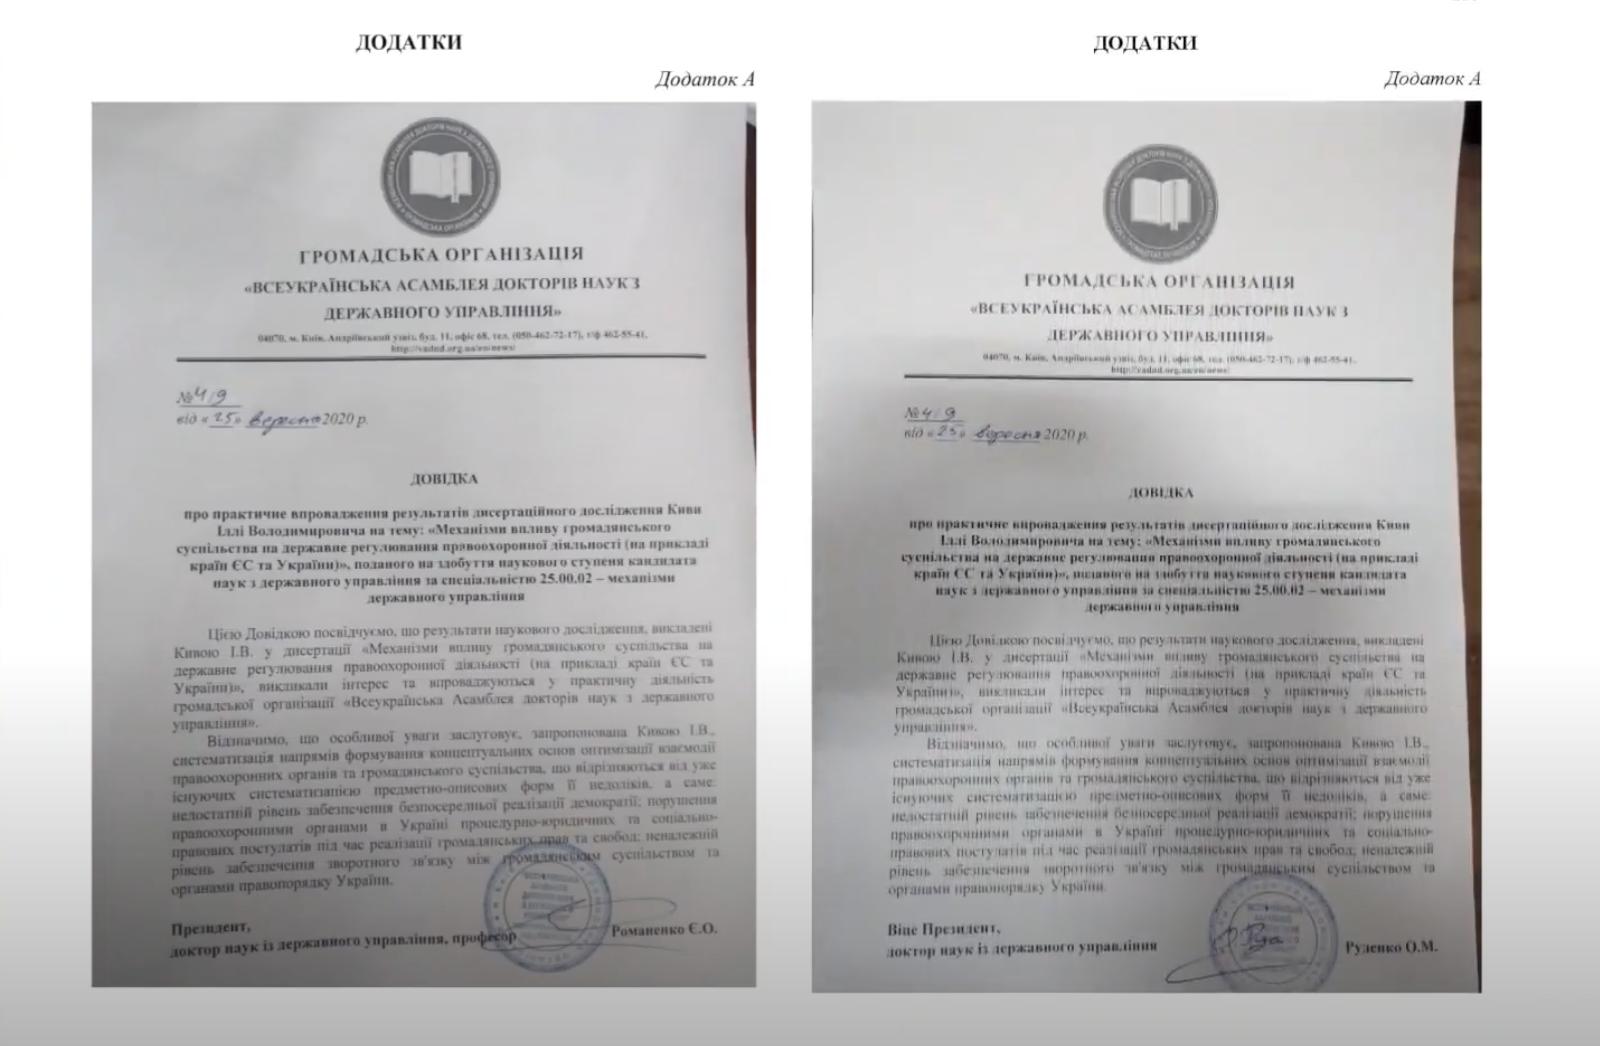 """Bihus.info: Дисертація Киви – це """"треш"""" і """"графоманія"""" з підробленими документами: відео"""